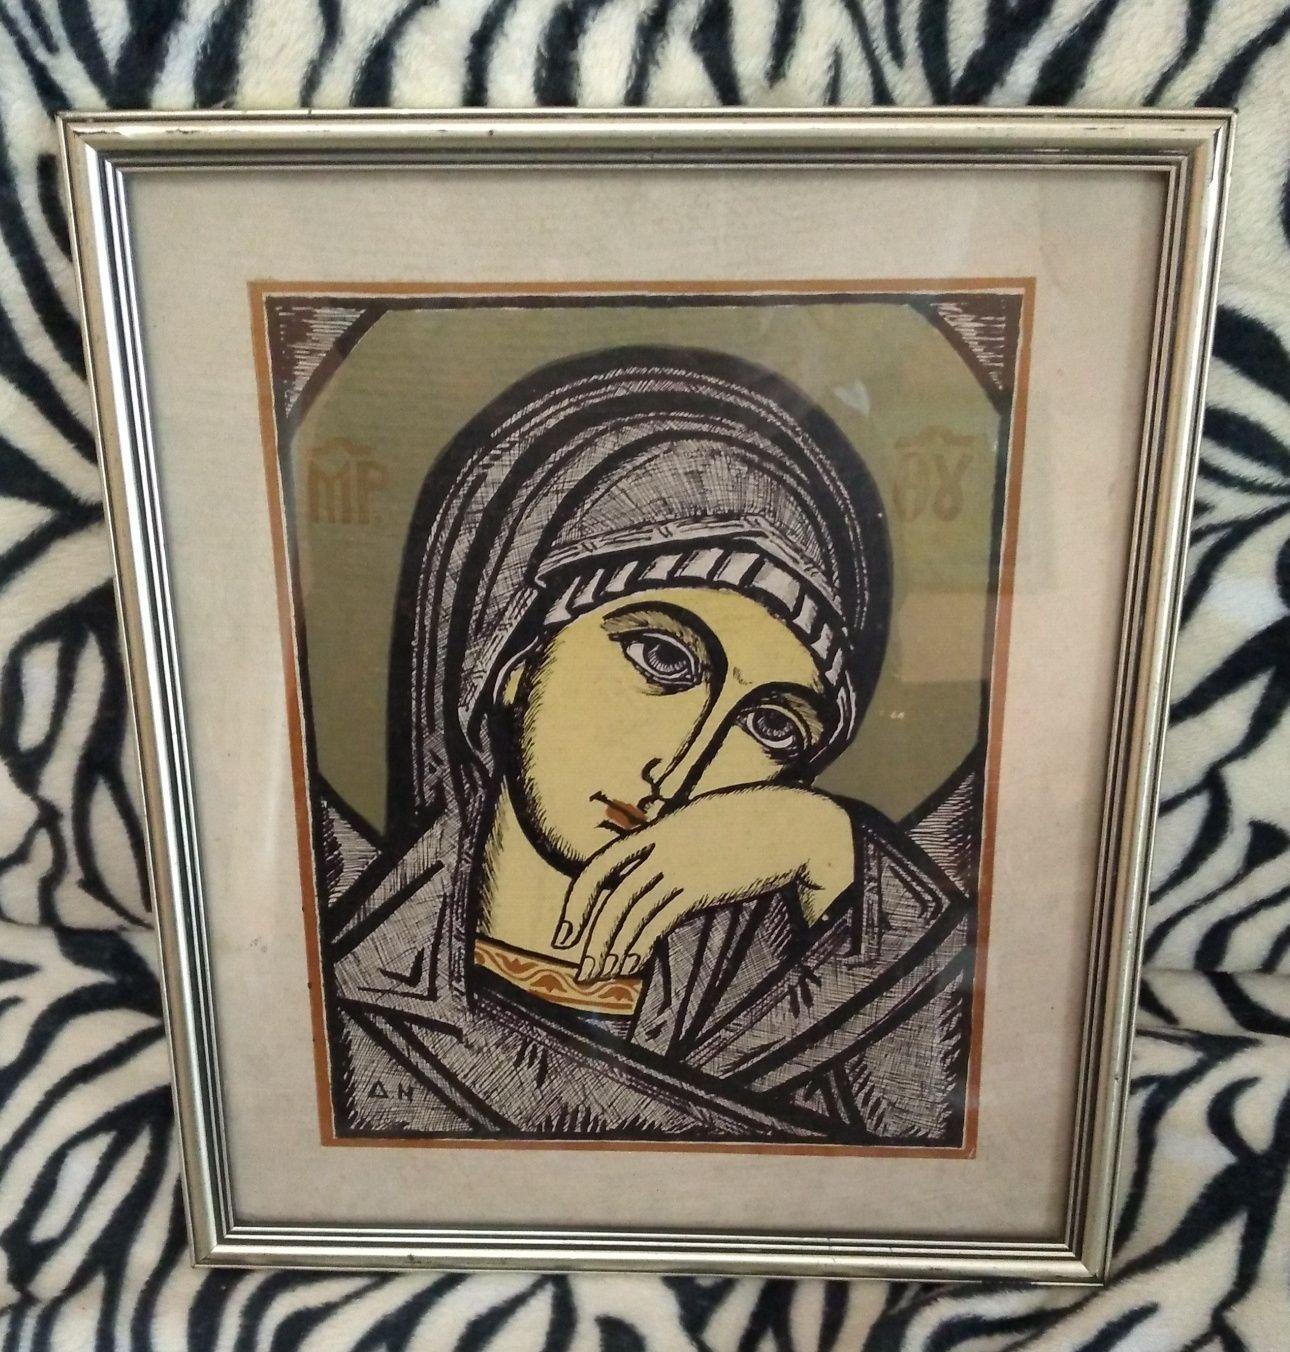 Icoana dăruită de Episcopul de Oradea Valerian Zaharia